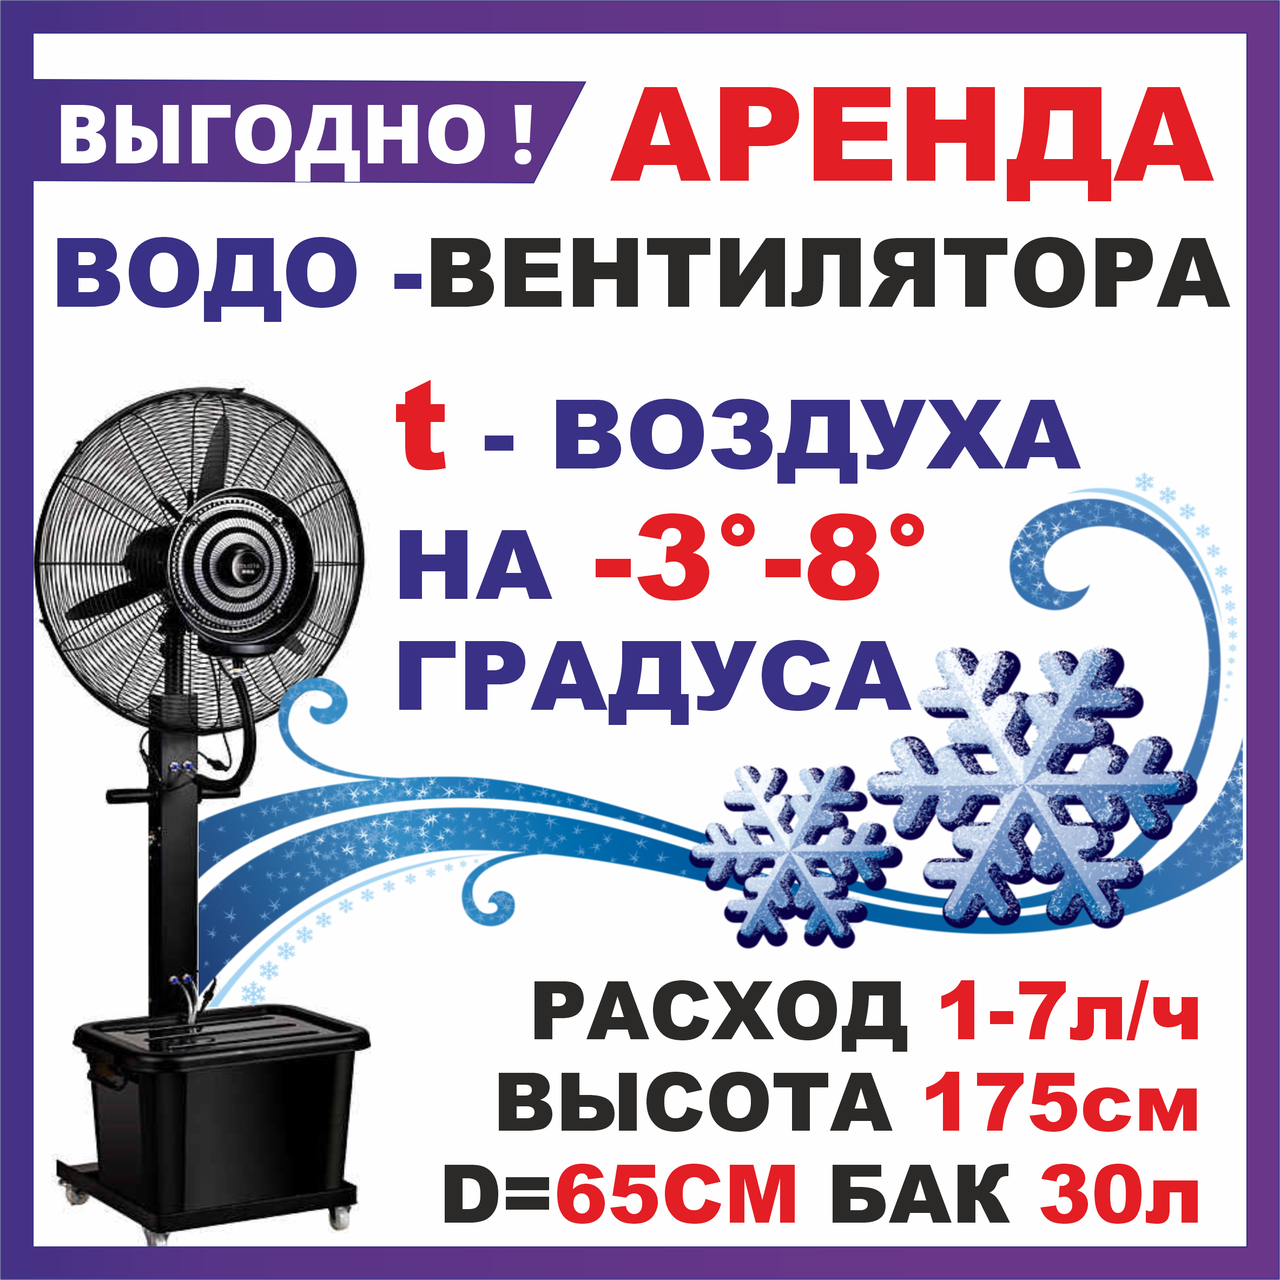 Аренда -Вентилятора с водяным распылением большого MIRR D-65см Бак 30л ,туманообразование для кафе